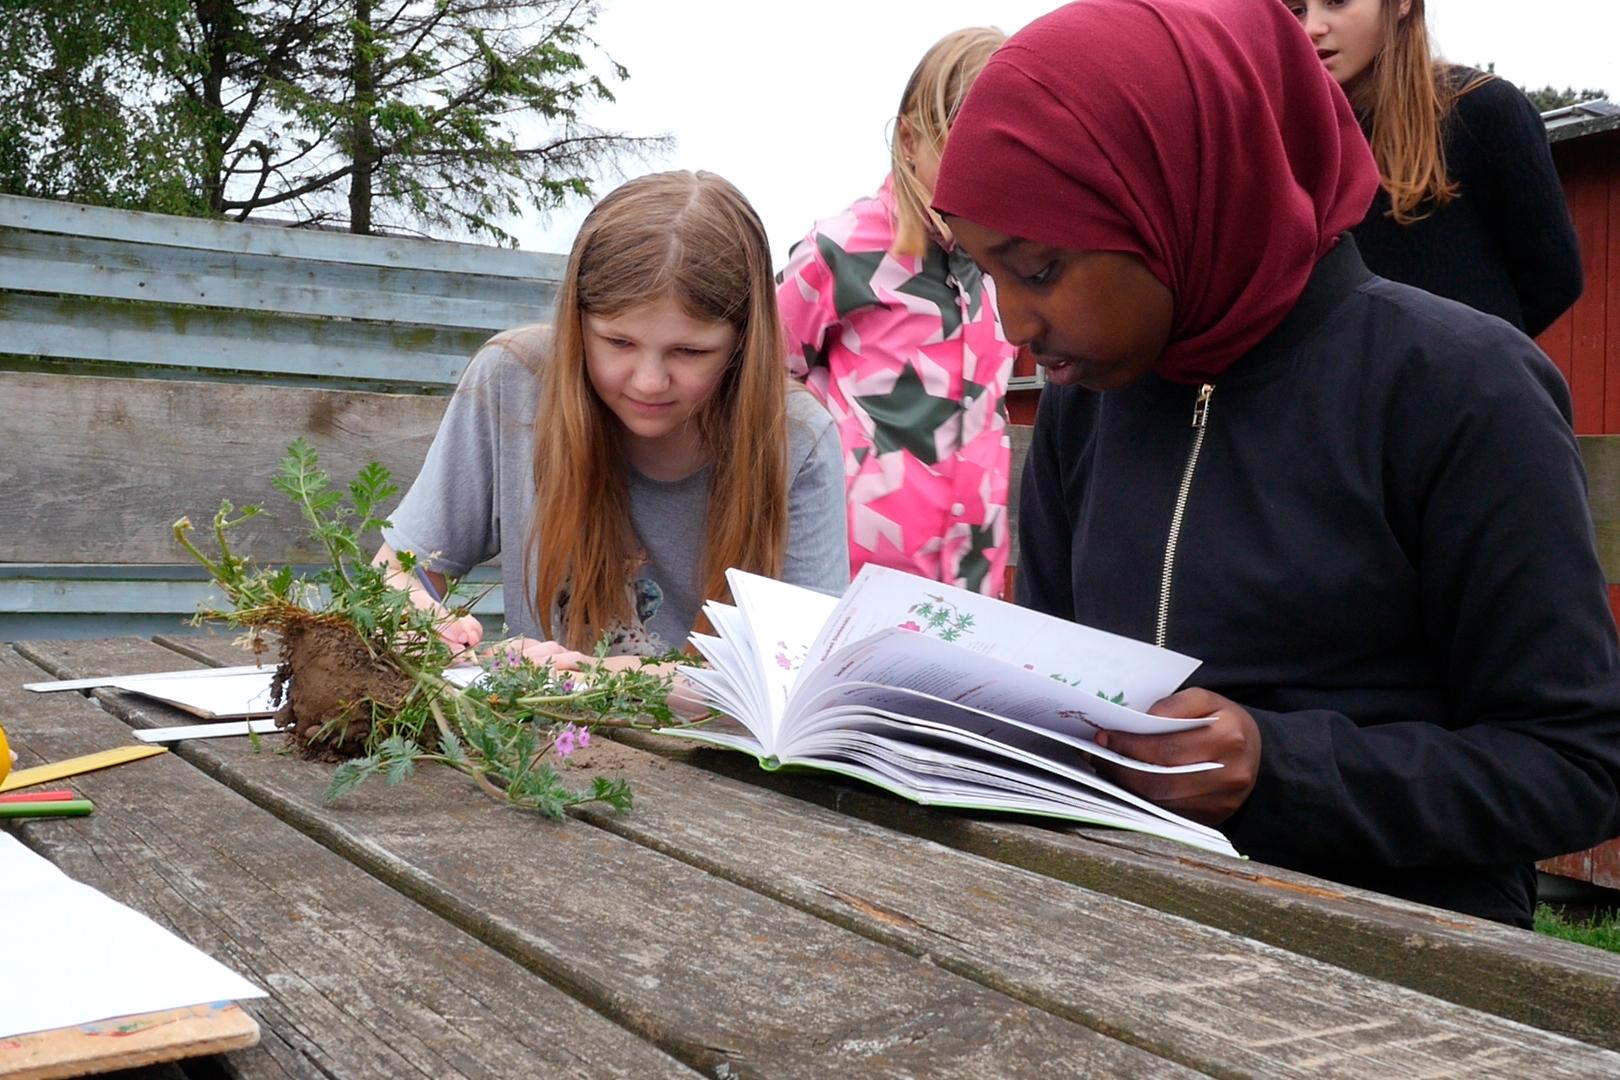 Elever fra Nørrebro Park Skole og Den Grønne Friskole hjælpes om at artsbestemme blomster. Fotograf: Julie Blicher Trojaborg